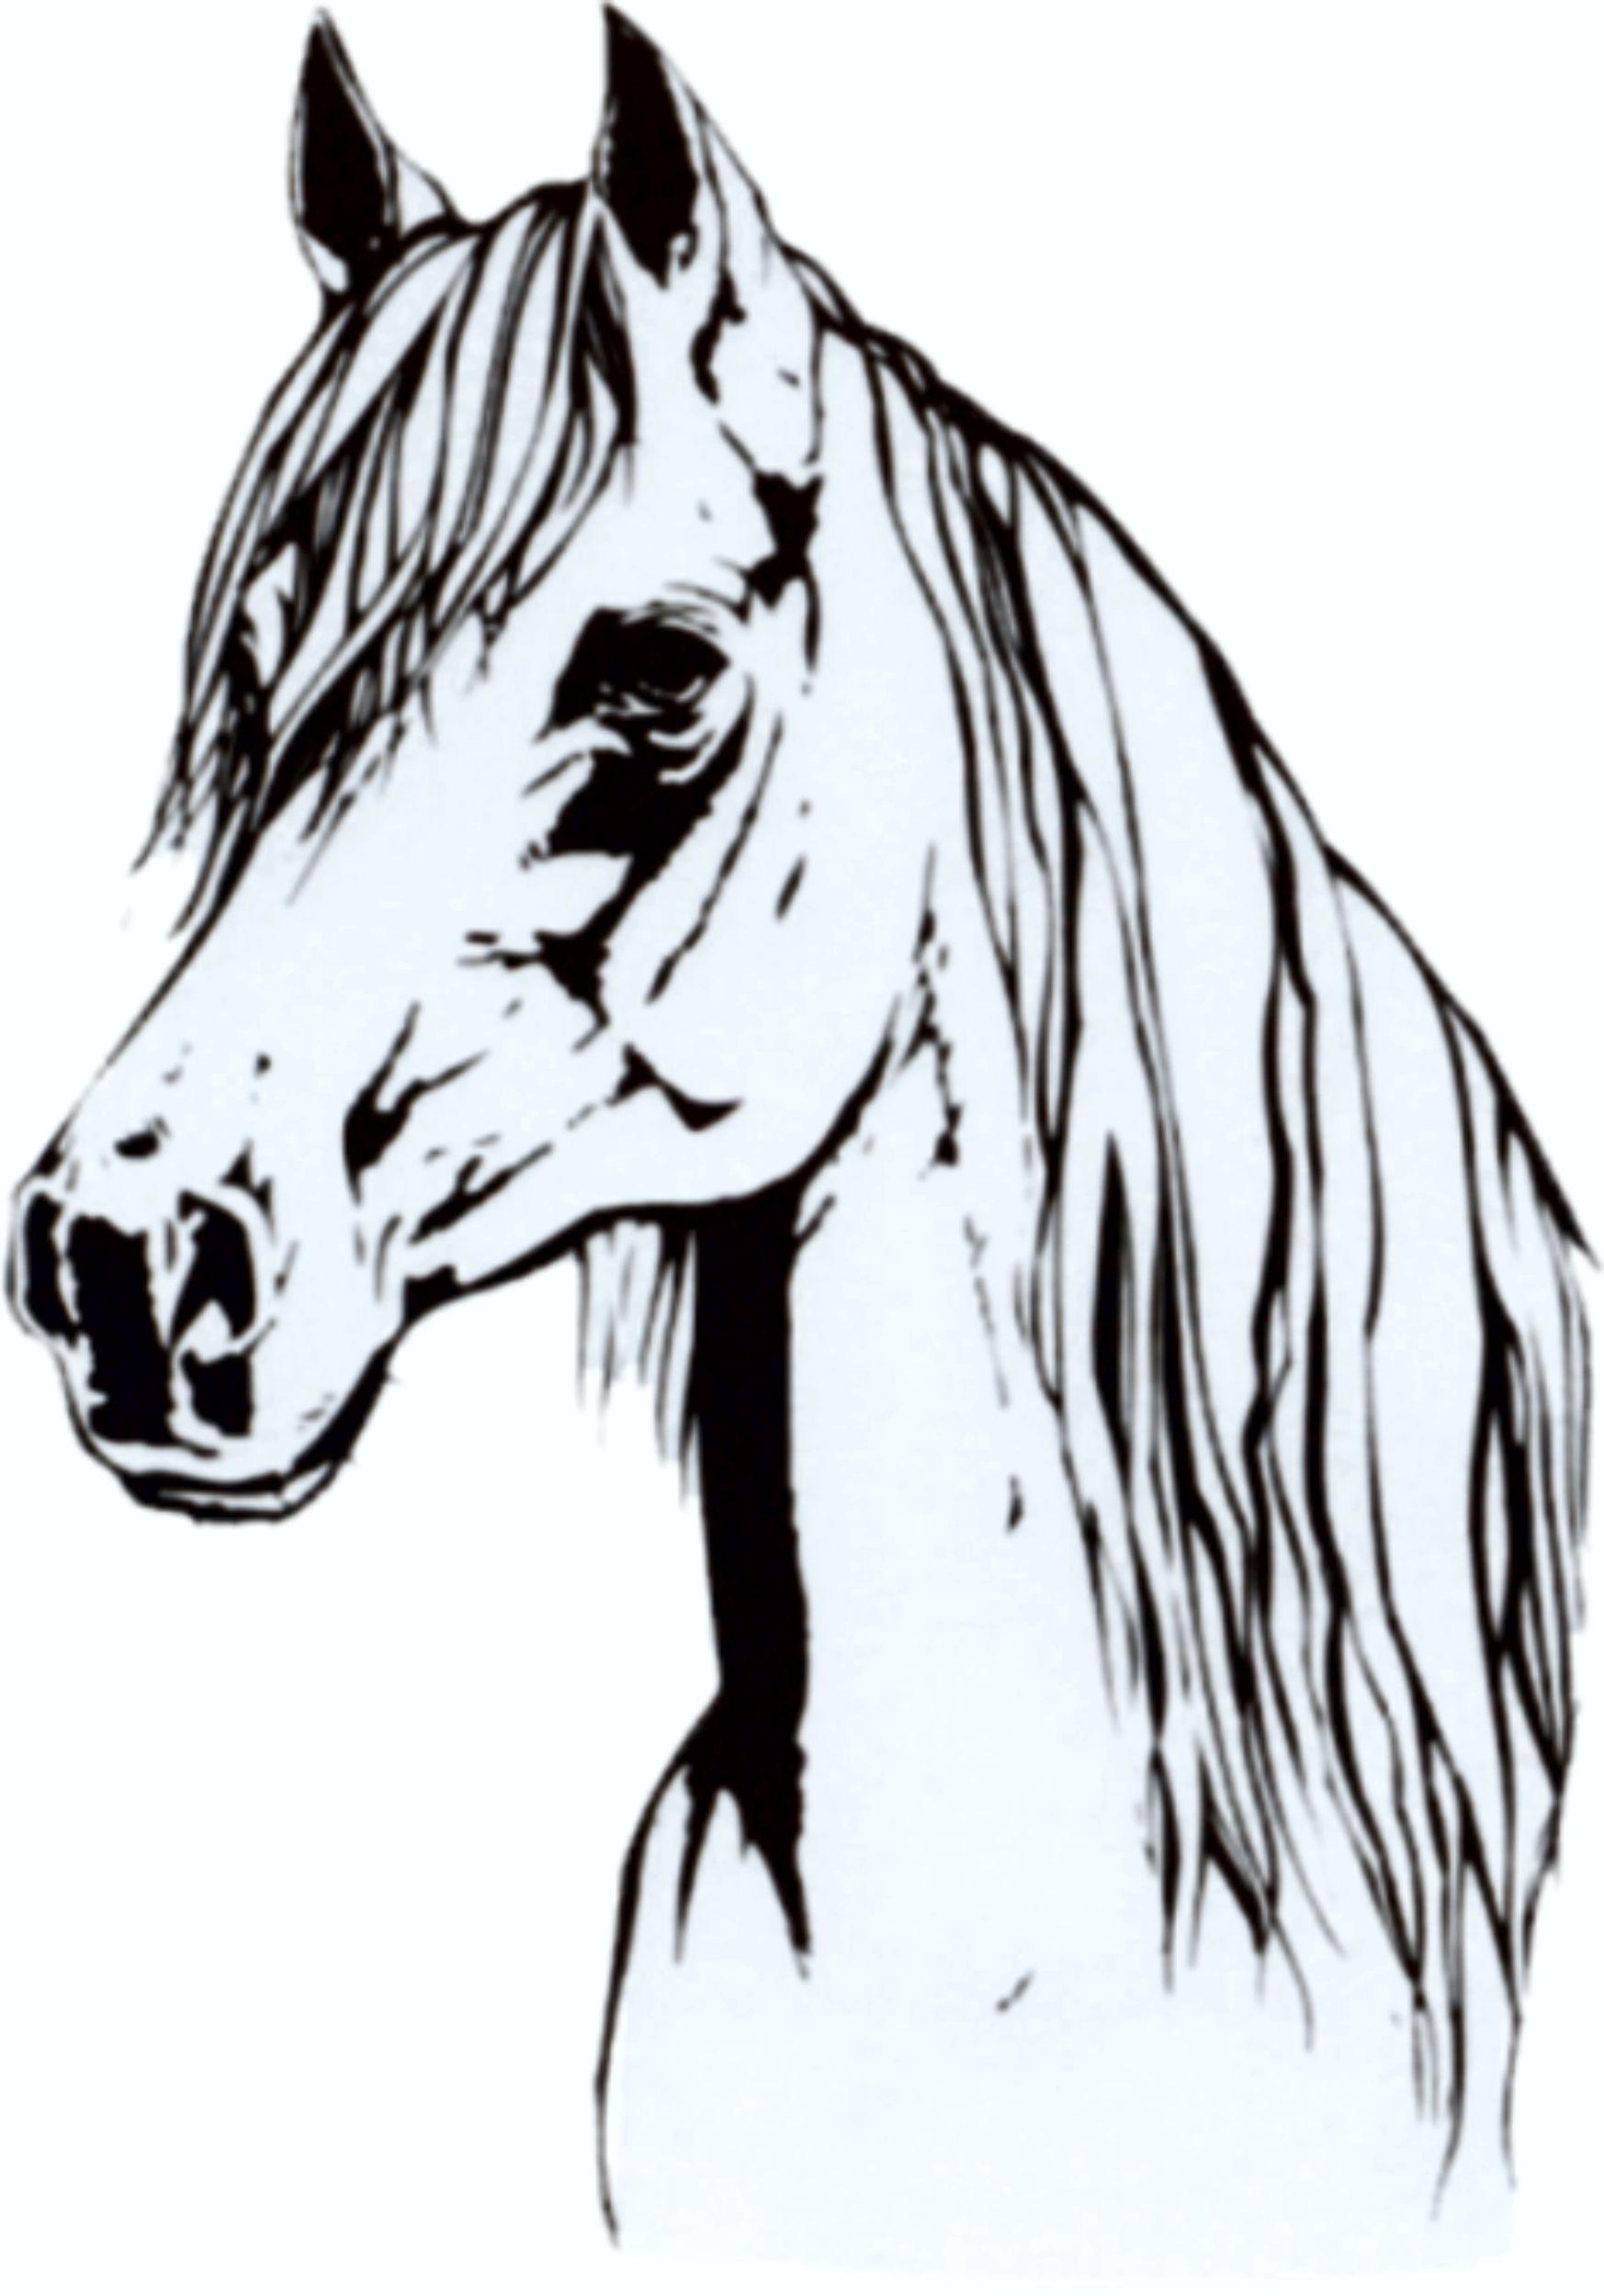 Sticker horse 120 x 100 mm – Bild 1